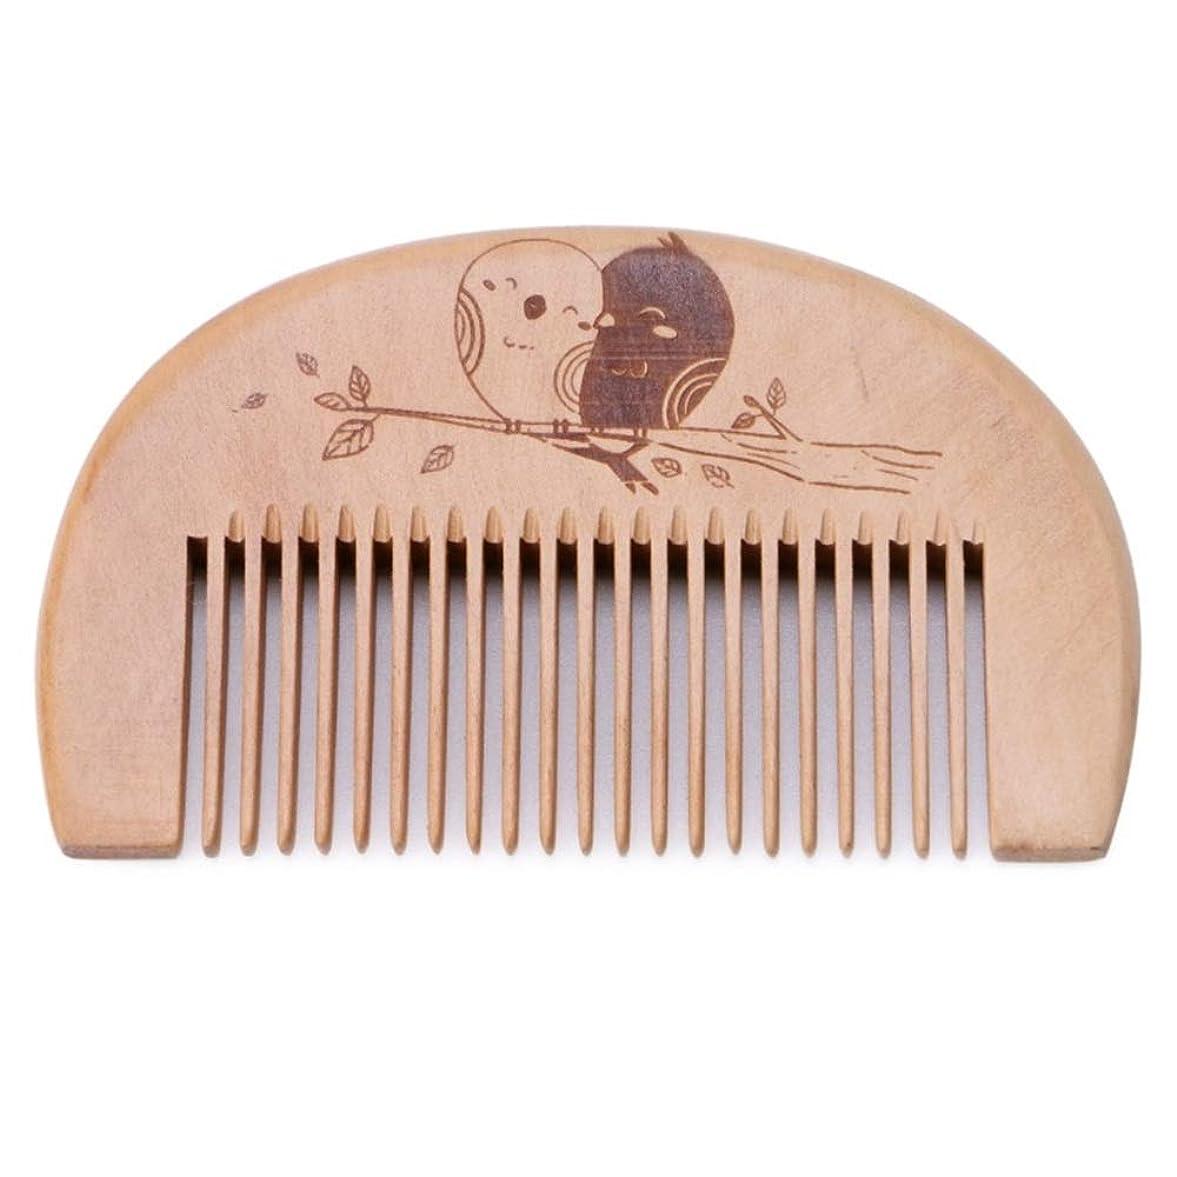 劣る年ペック4個の手作りピーチウッドコーム - ふけ防止、非静電気、環境にやさしい - 頭皮や髪の健康に良い罰金